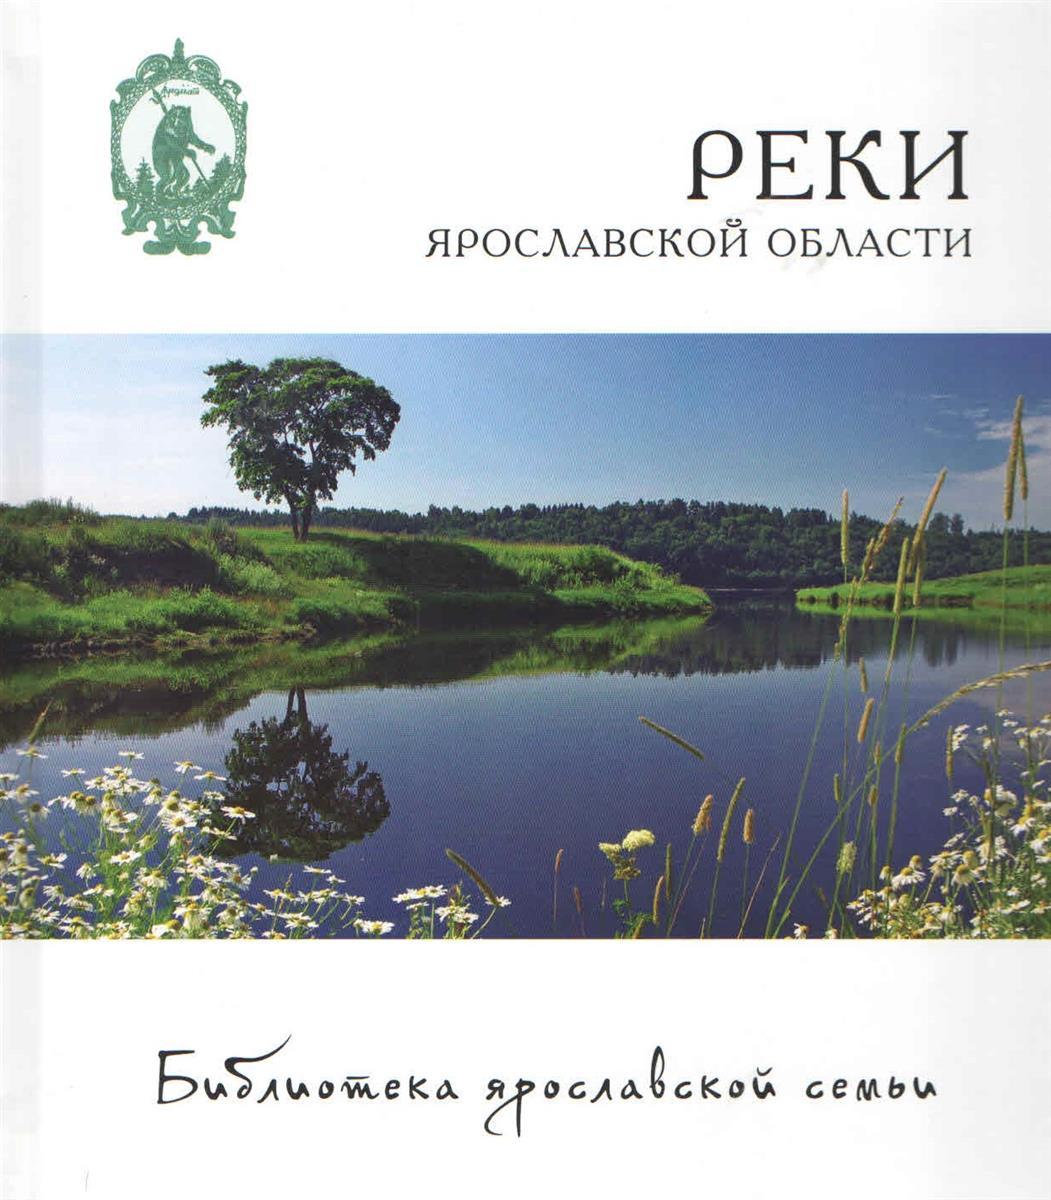 Маслов Ю., Маслова А. Реки Ярославской области куплю дом в ярославской области от 100000 до 200000